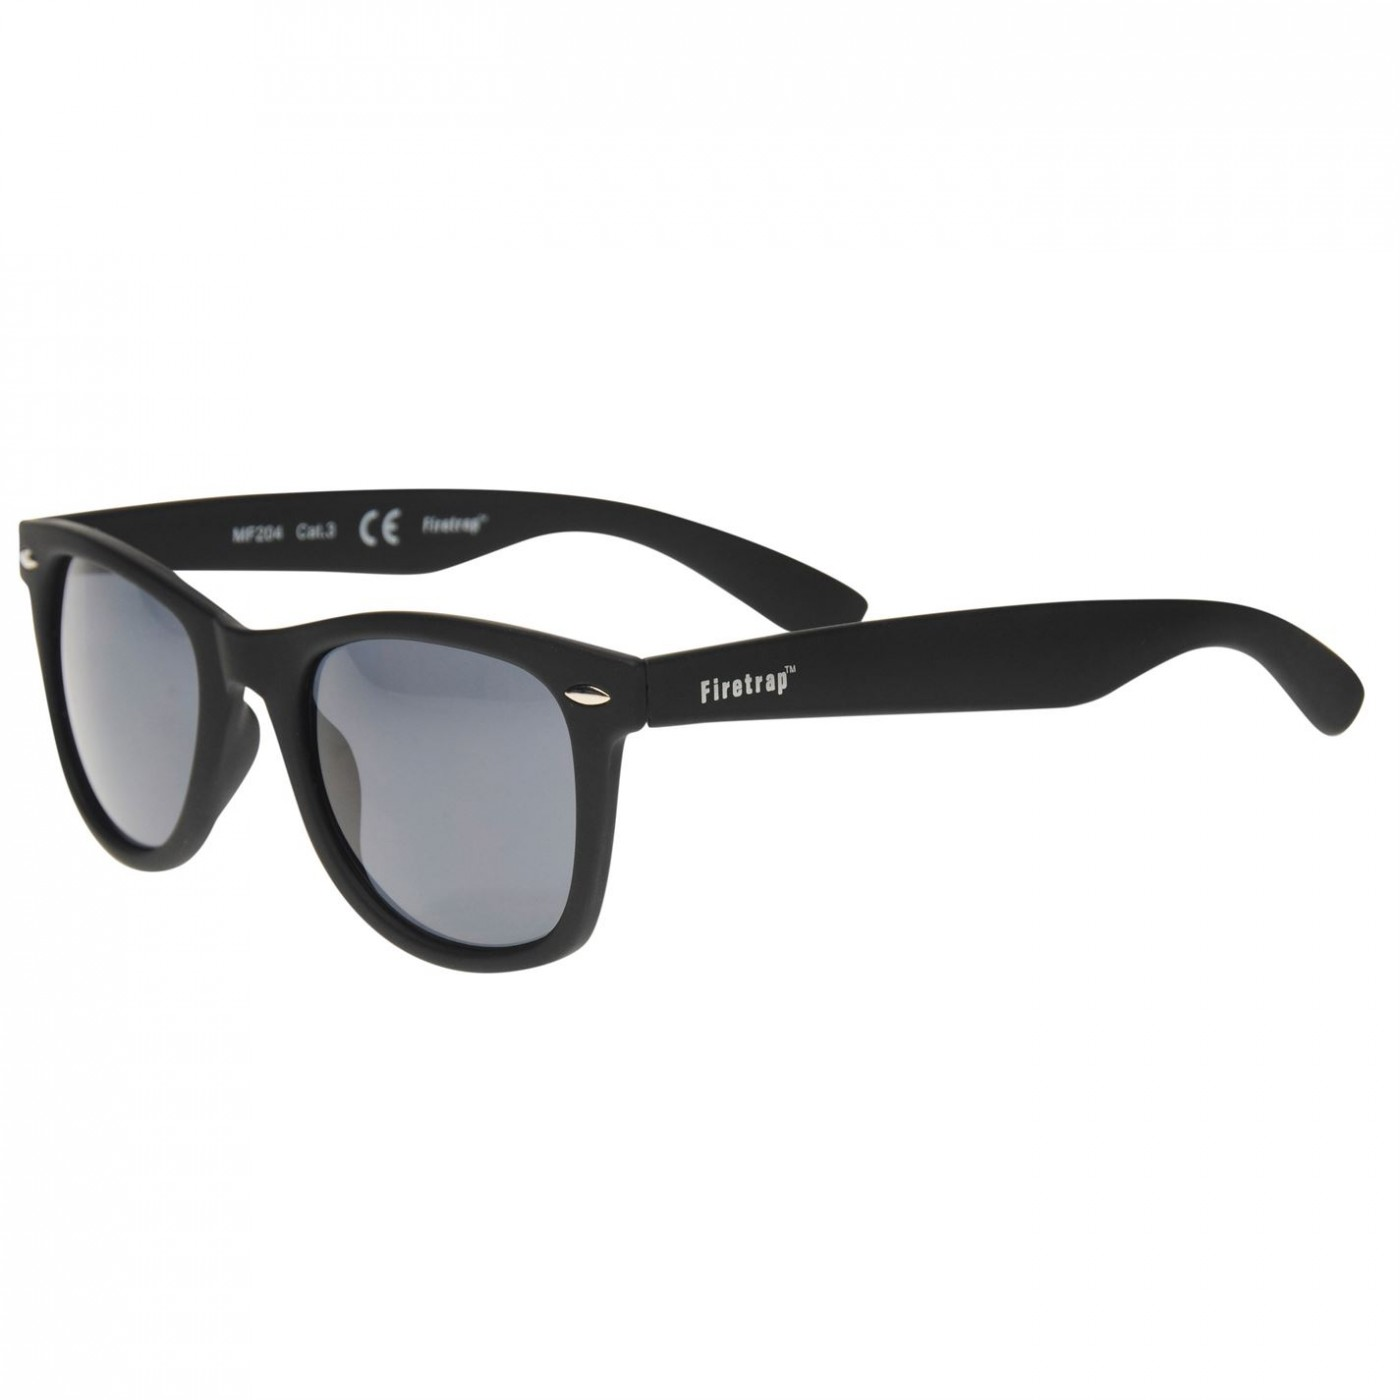 5b6d2340084c Naoeale Firetrap - MF204 Sunglasses Mens - Jeftinije.hr